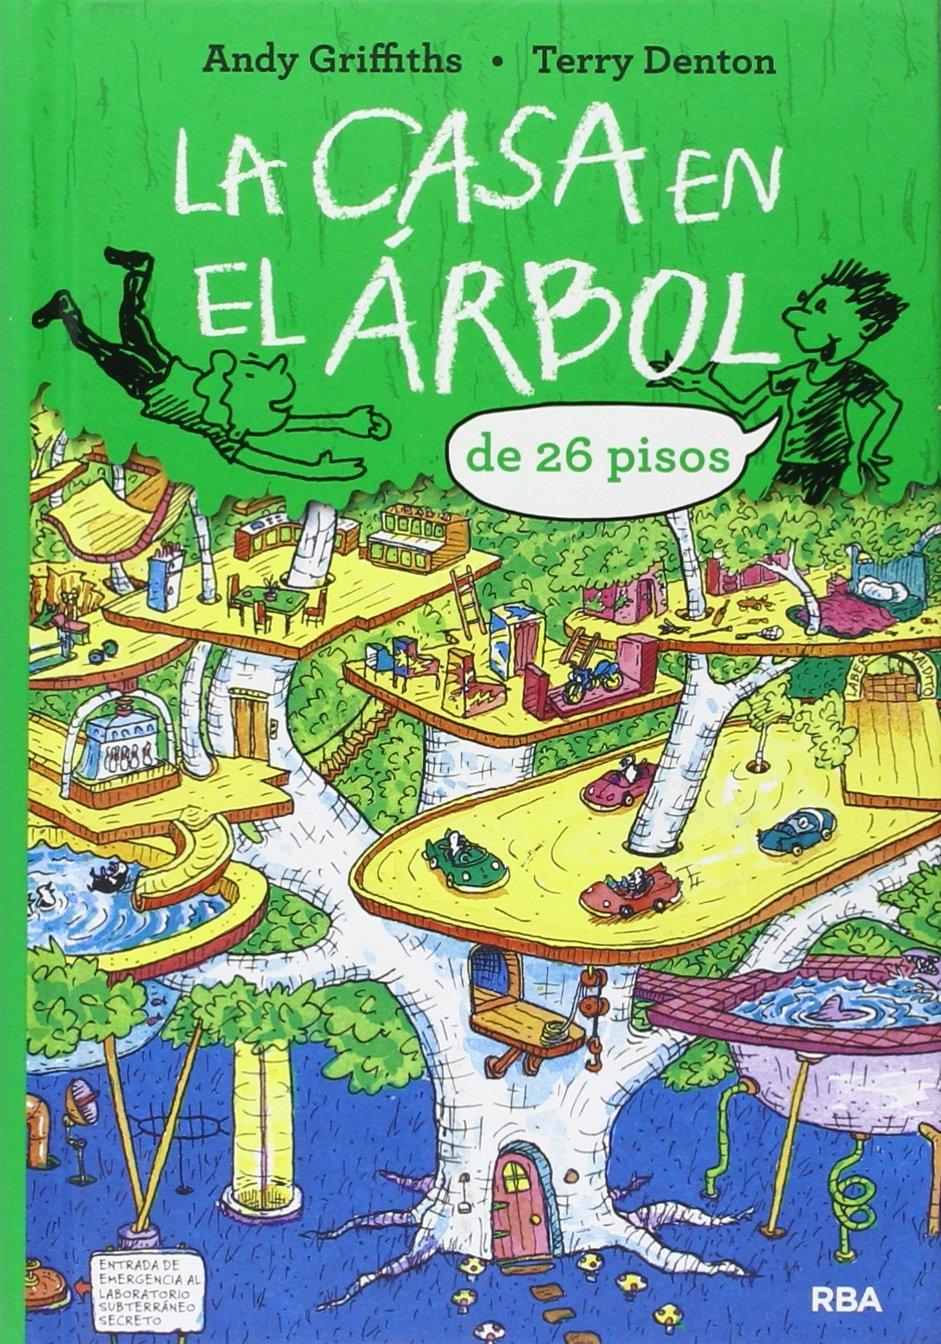 La casa en el árbol de 26 pisos (Spanish Edition) PDF